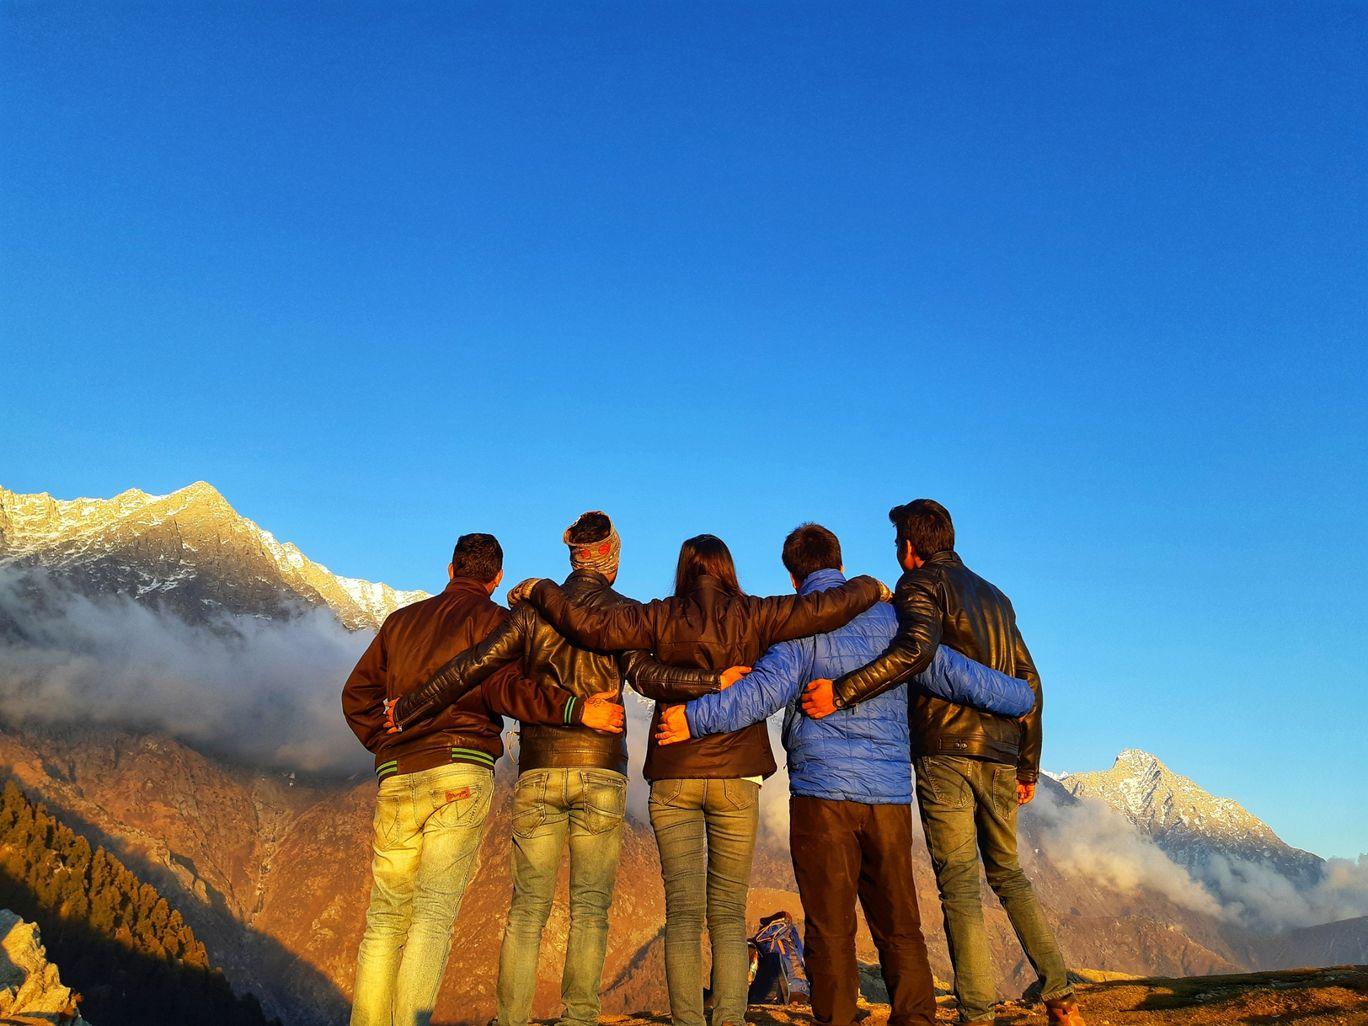 Photo of Triund Trek By Karan Verma